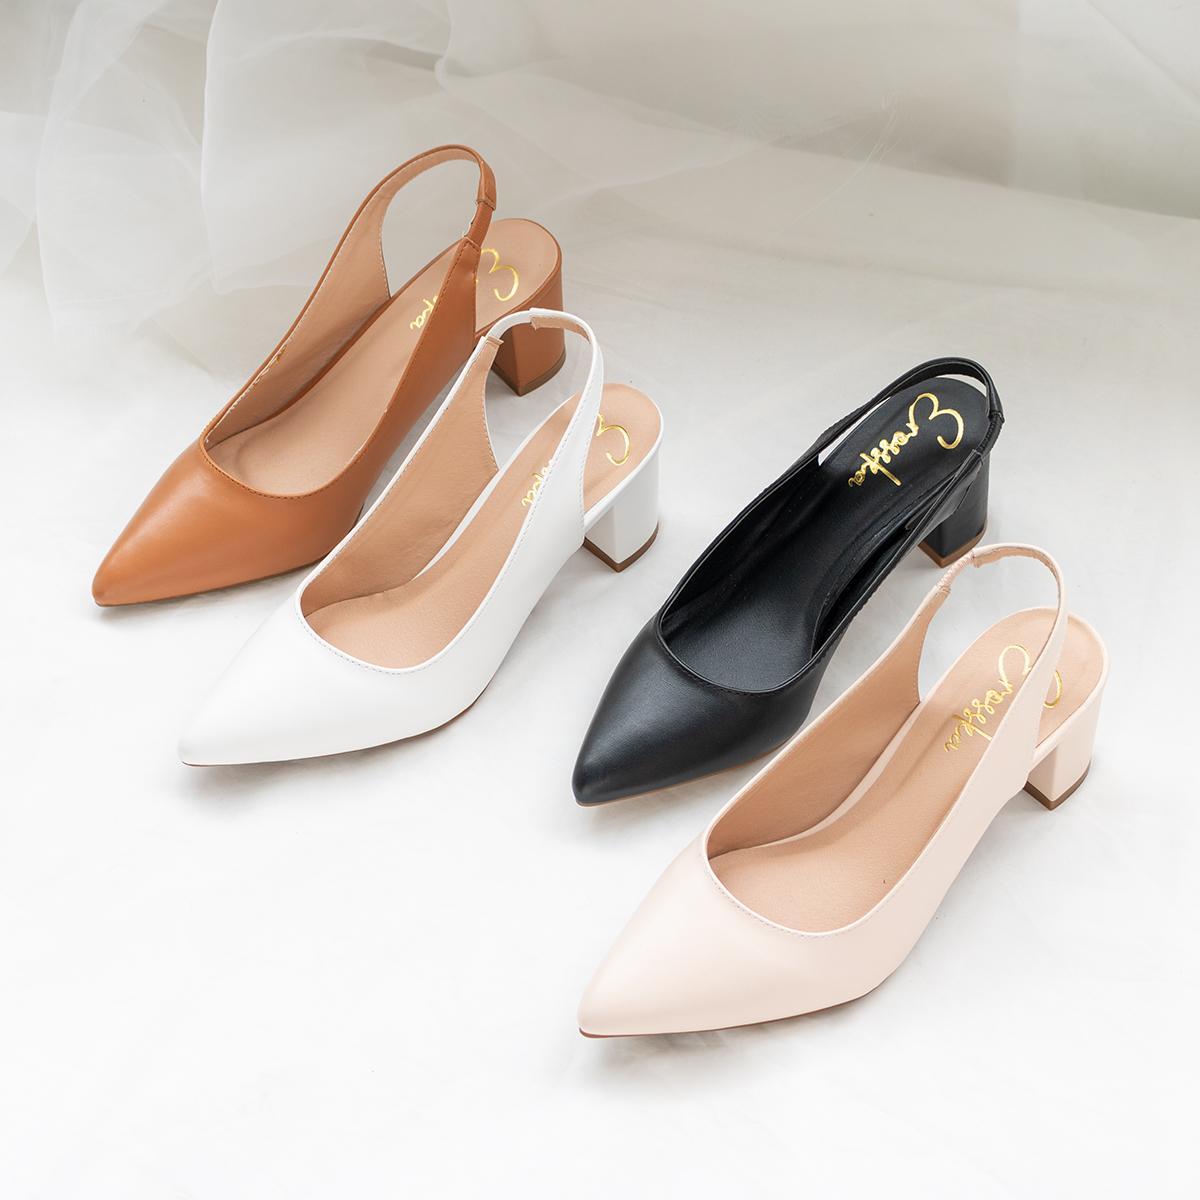 Giày Nữ, Giày Cao Gót Slingback Hở Gót, Bít Mũi Thời Trang Nữ Kiểu Dáng Basic _ EH015 (WH) Giá Rẻ Nhất Thị Trường